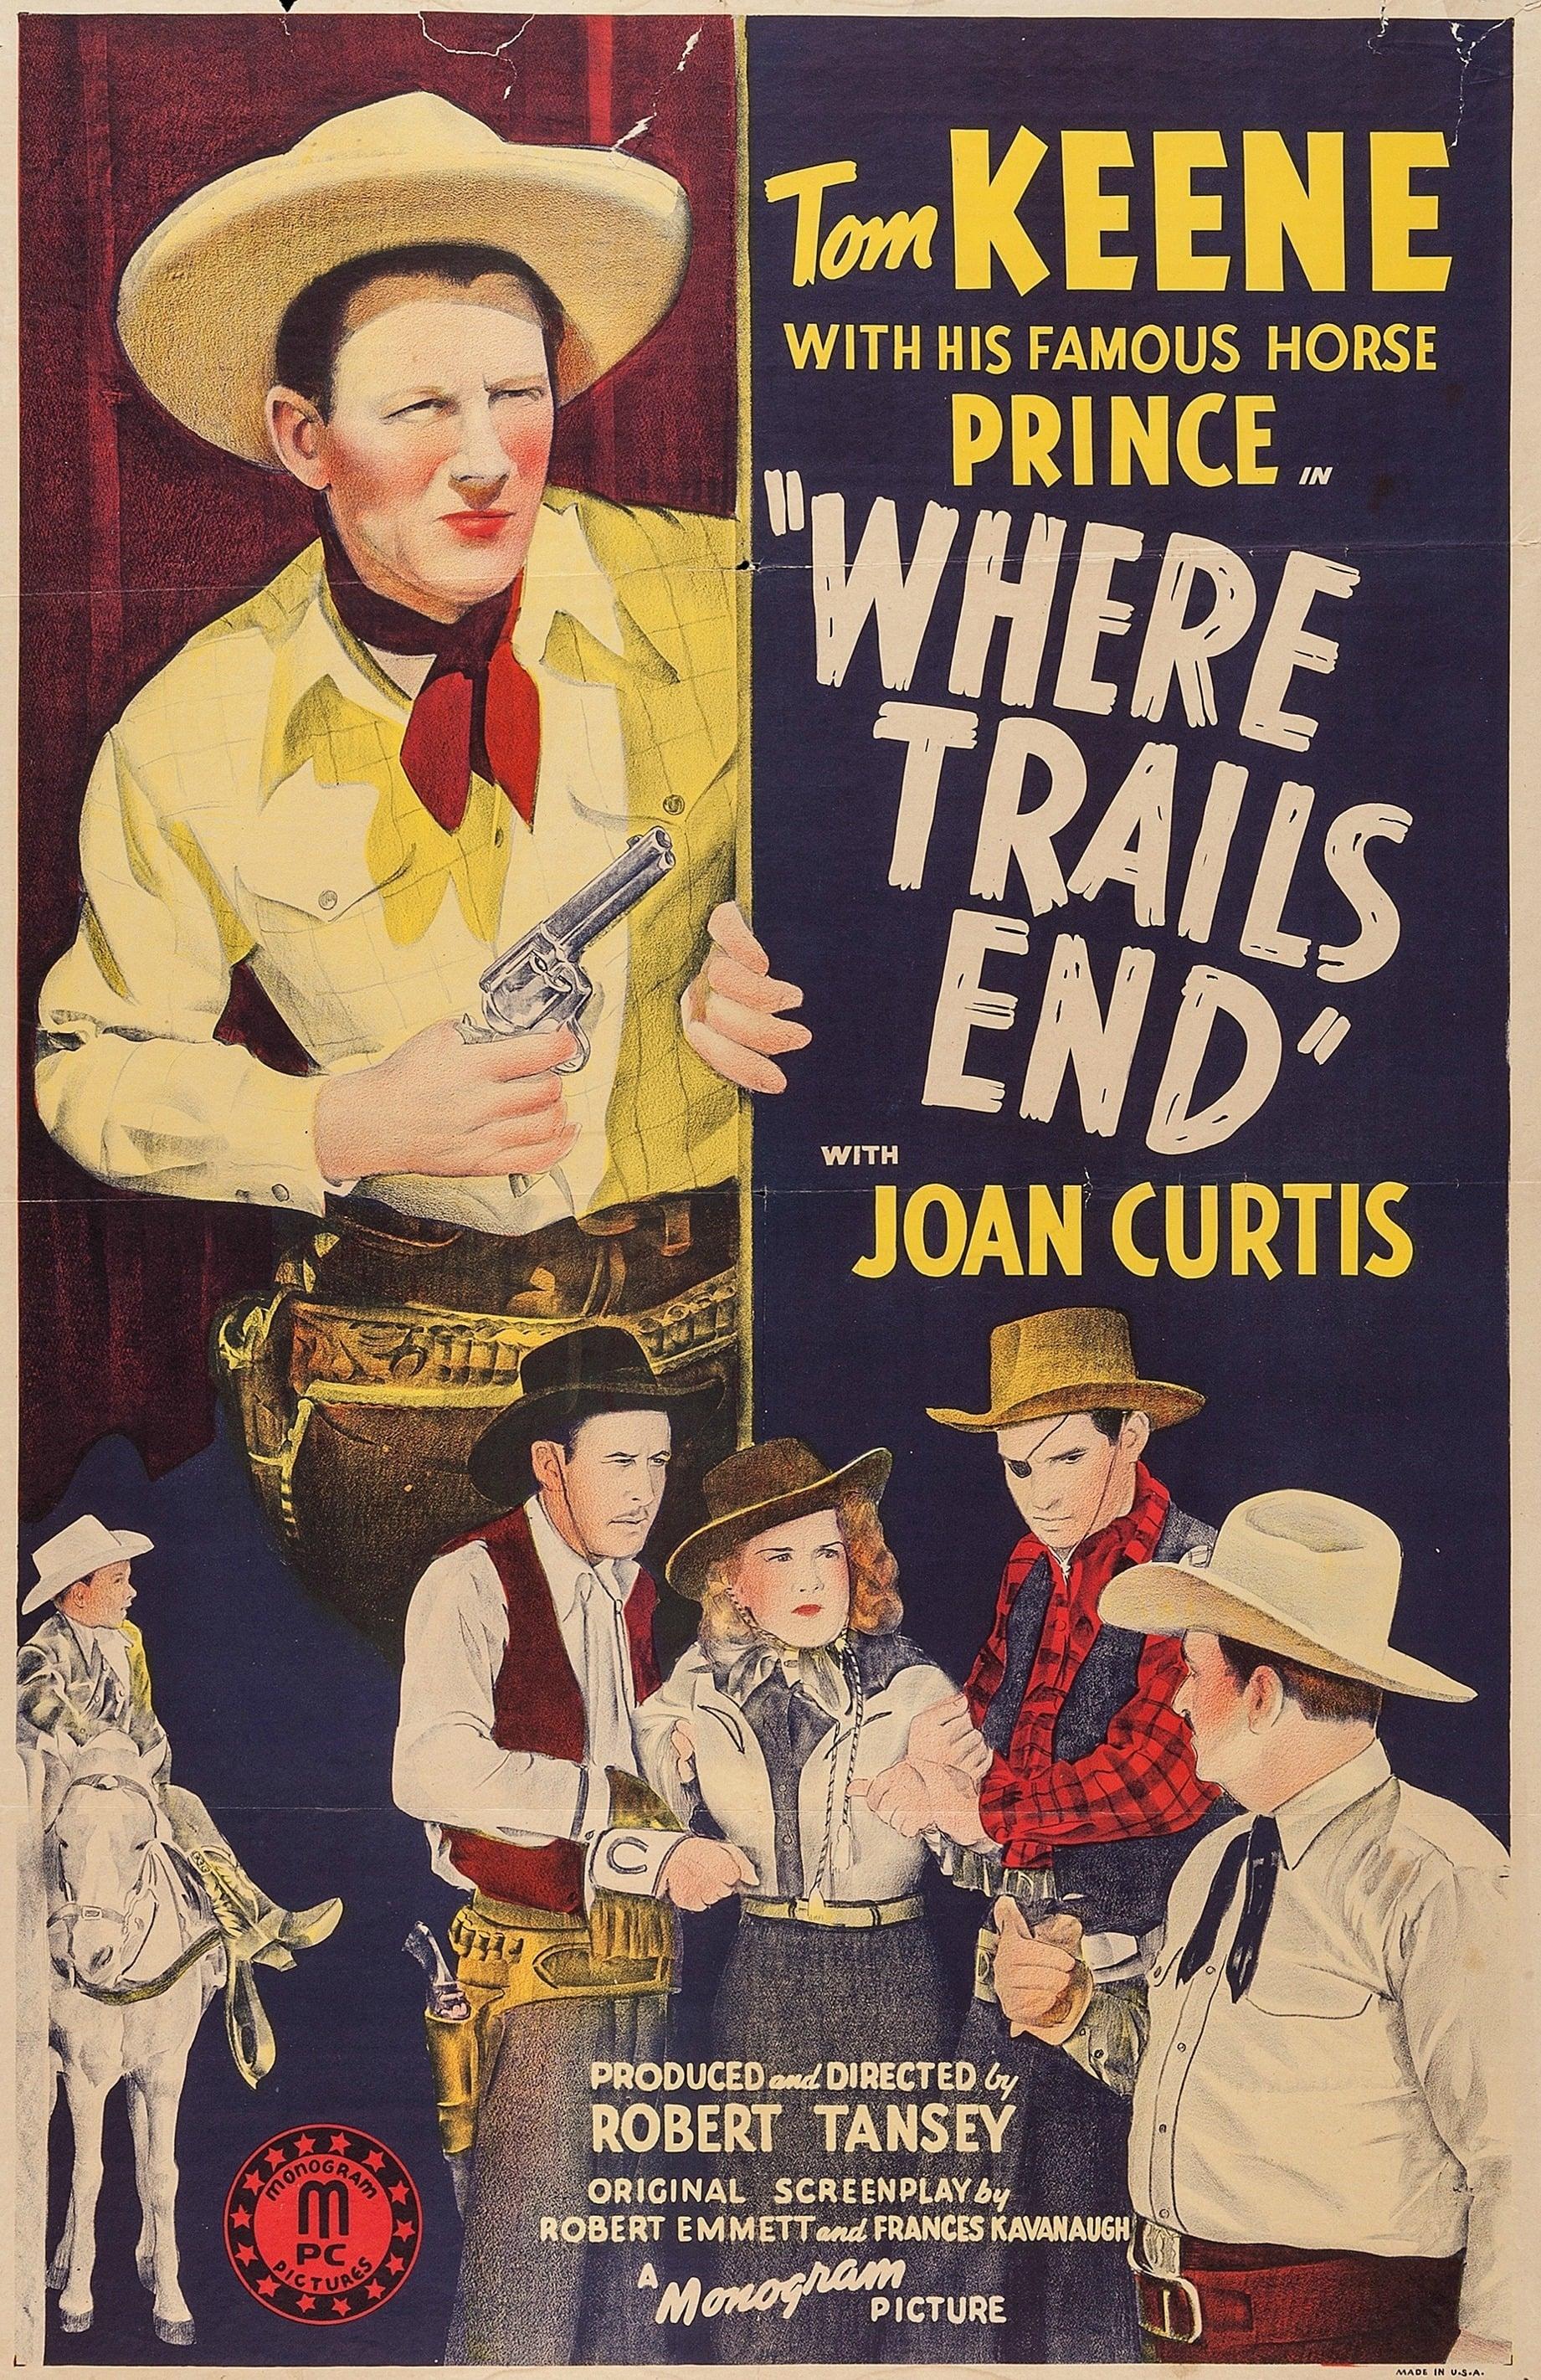 Where Trails End